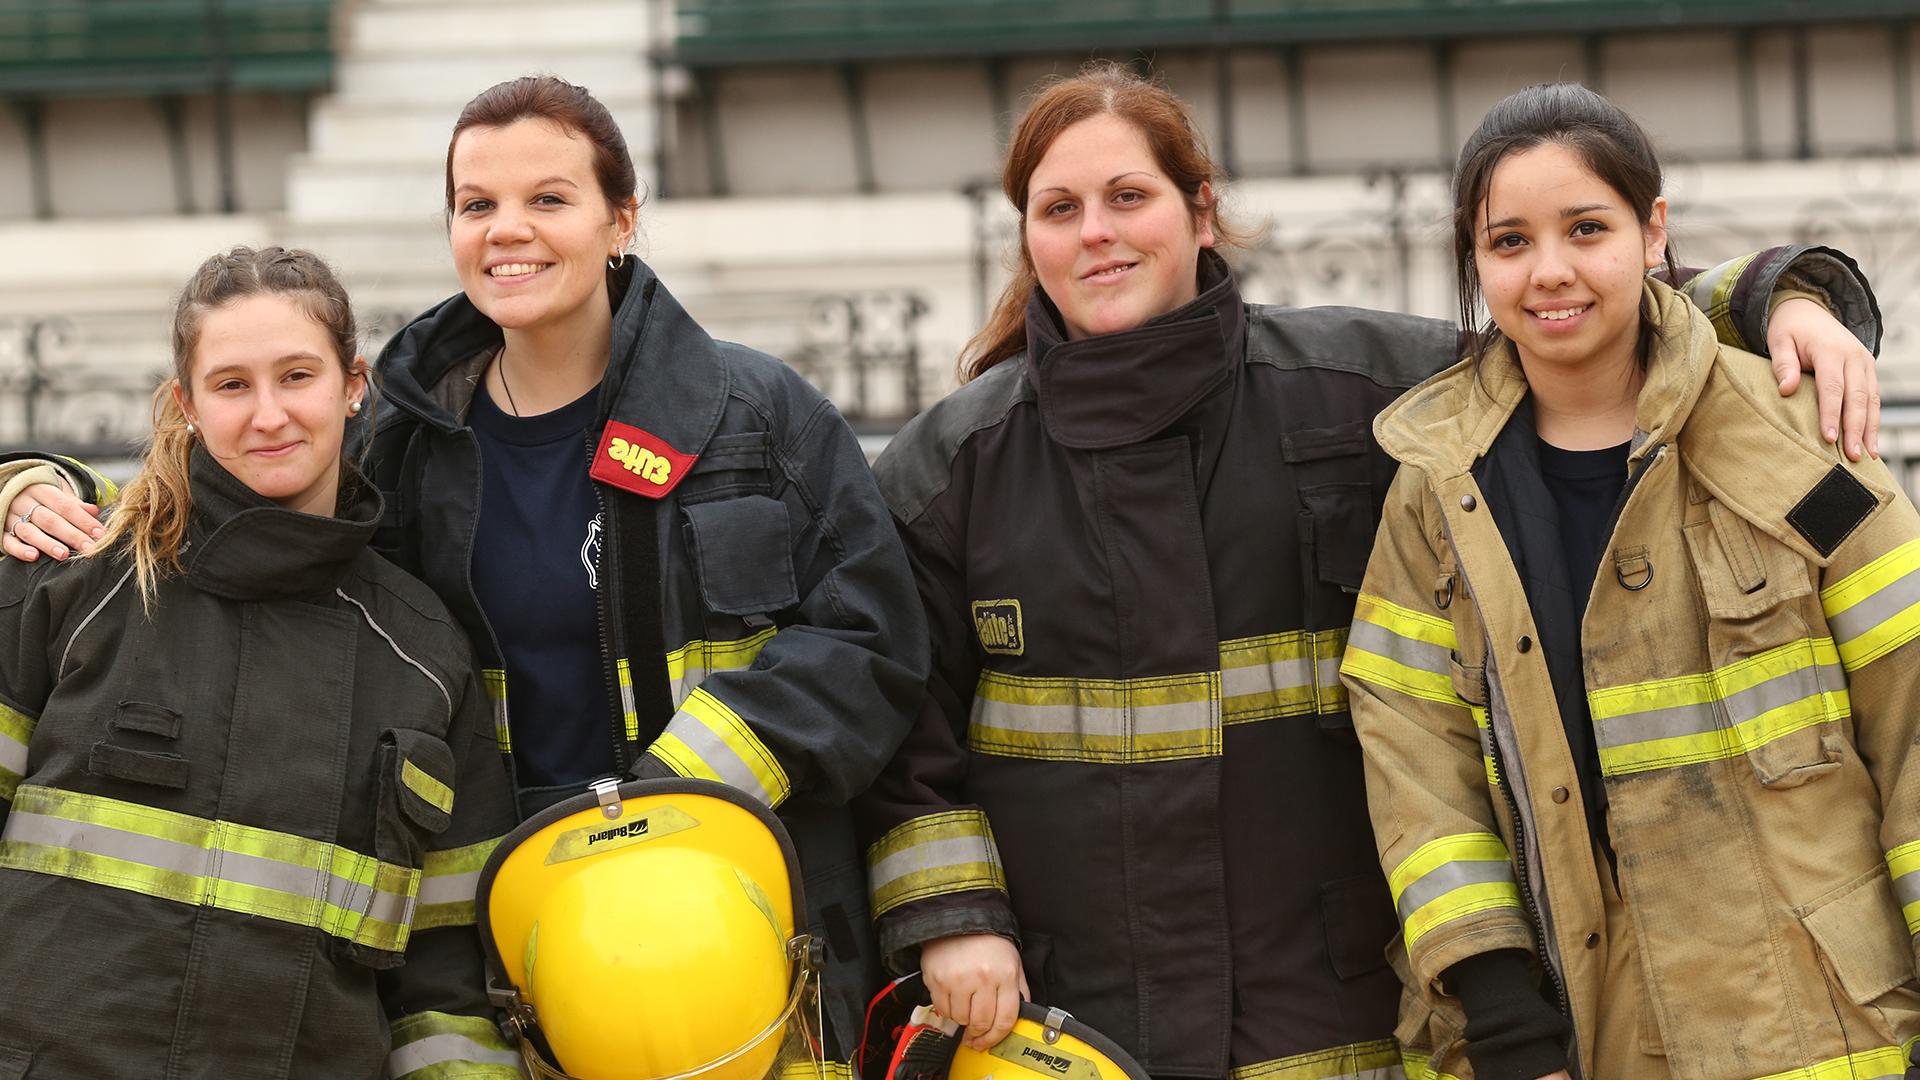 [Pre inscripción] Bomberos Voluntarios Chivilcoy anunció la implementación del cupo femenino para aspirante al Cuerpo Activo